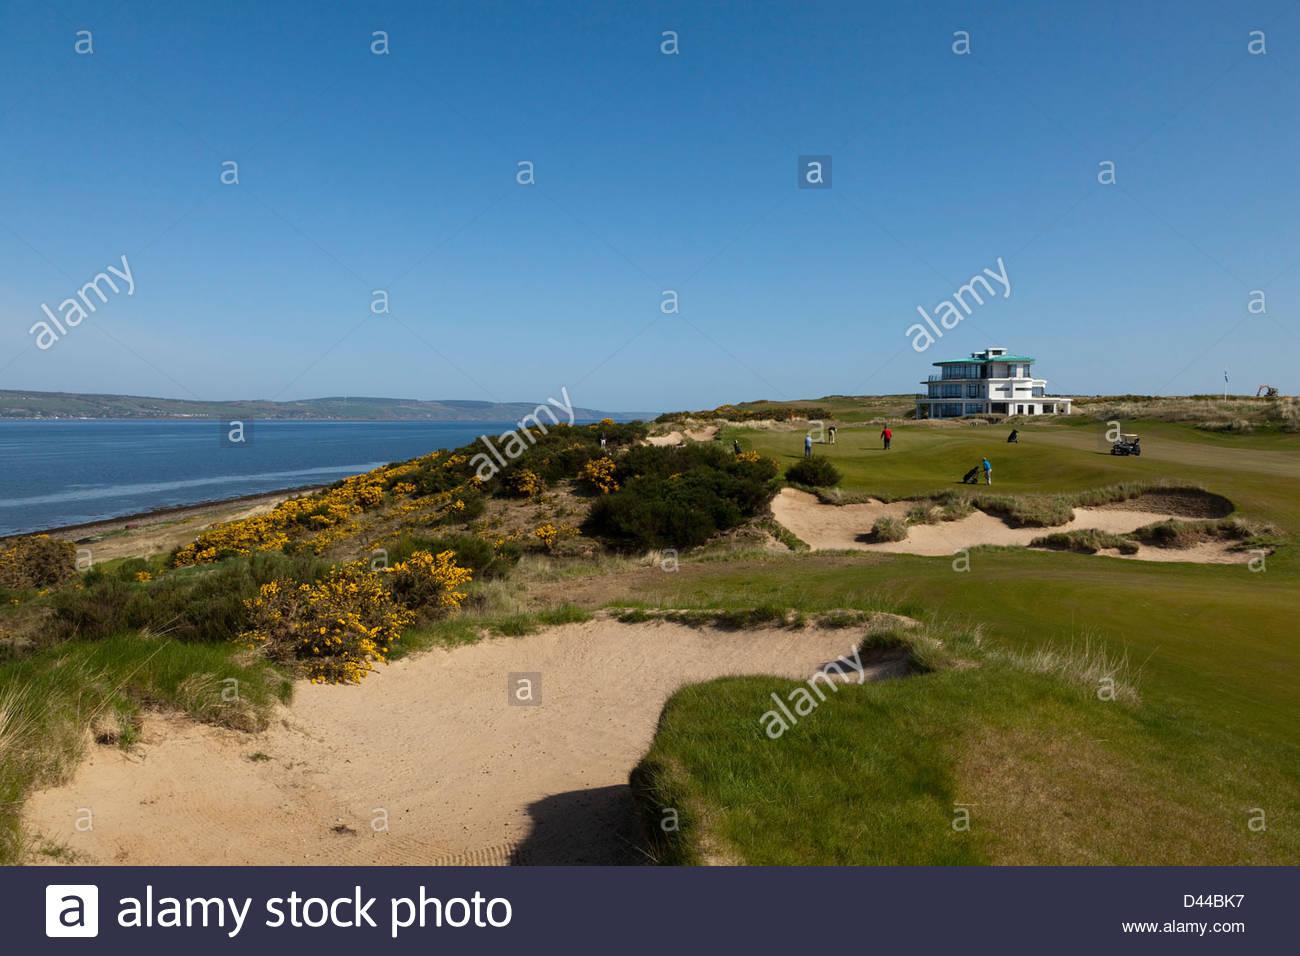 Château Stuart Golf Links, situé entre Inverness et Nairn, sur la côte de Moray Firth. Photo Stock